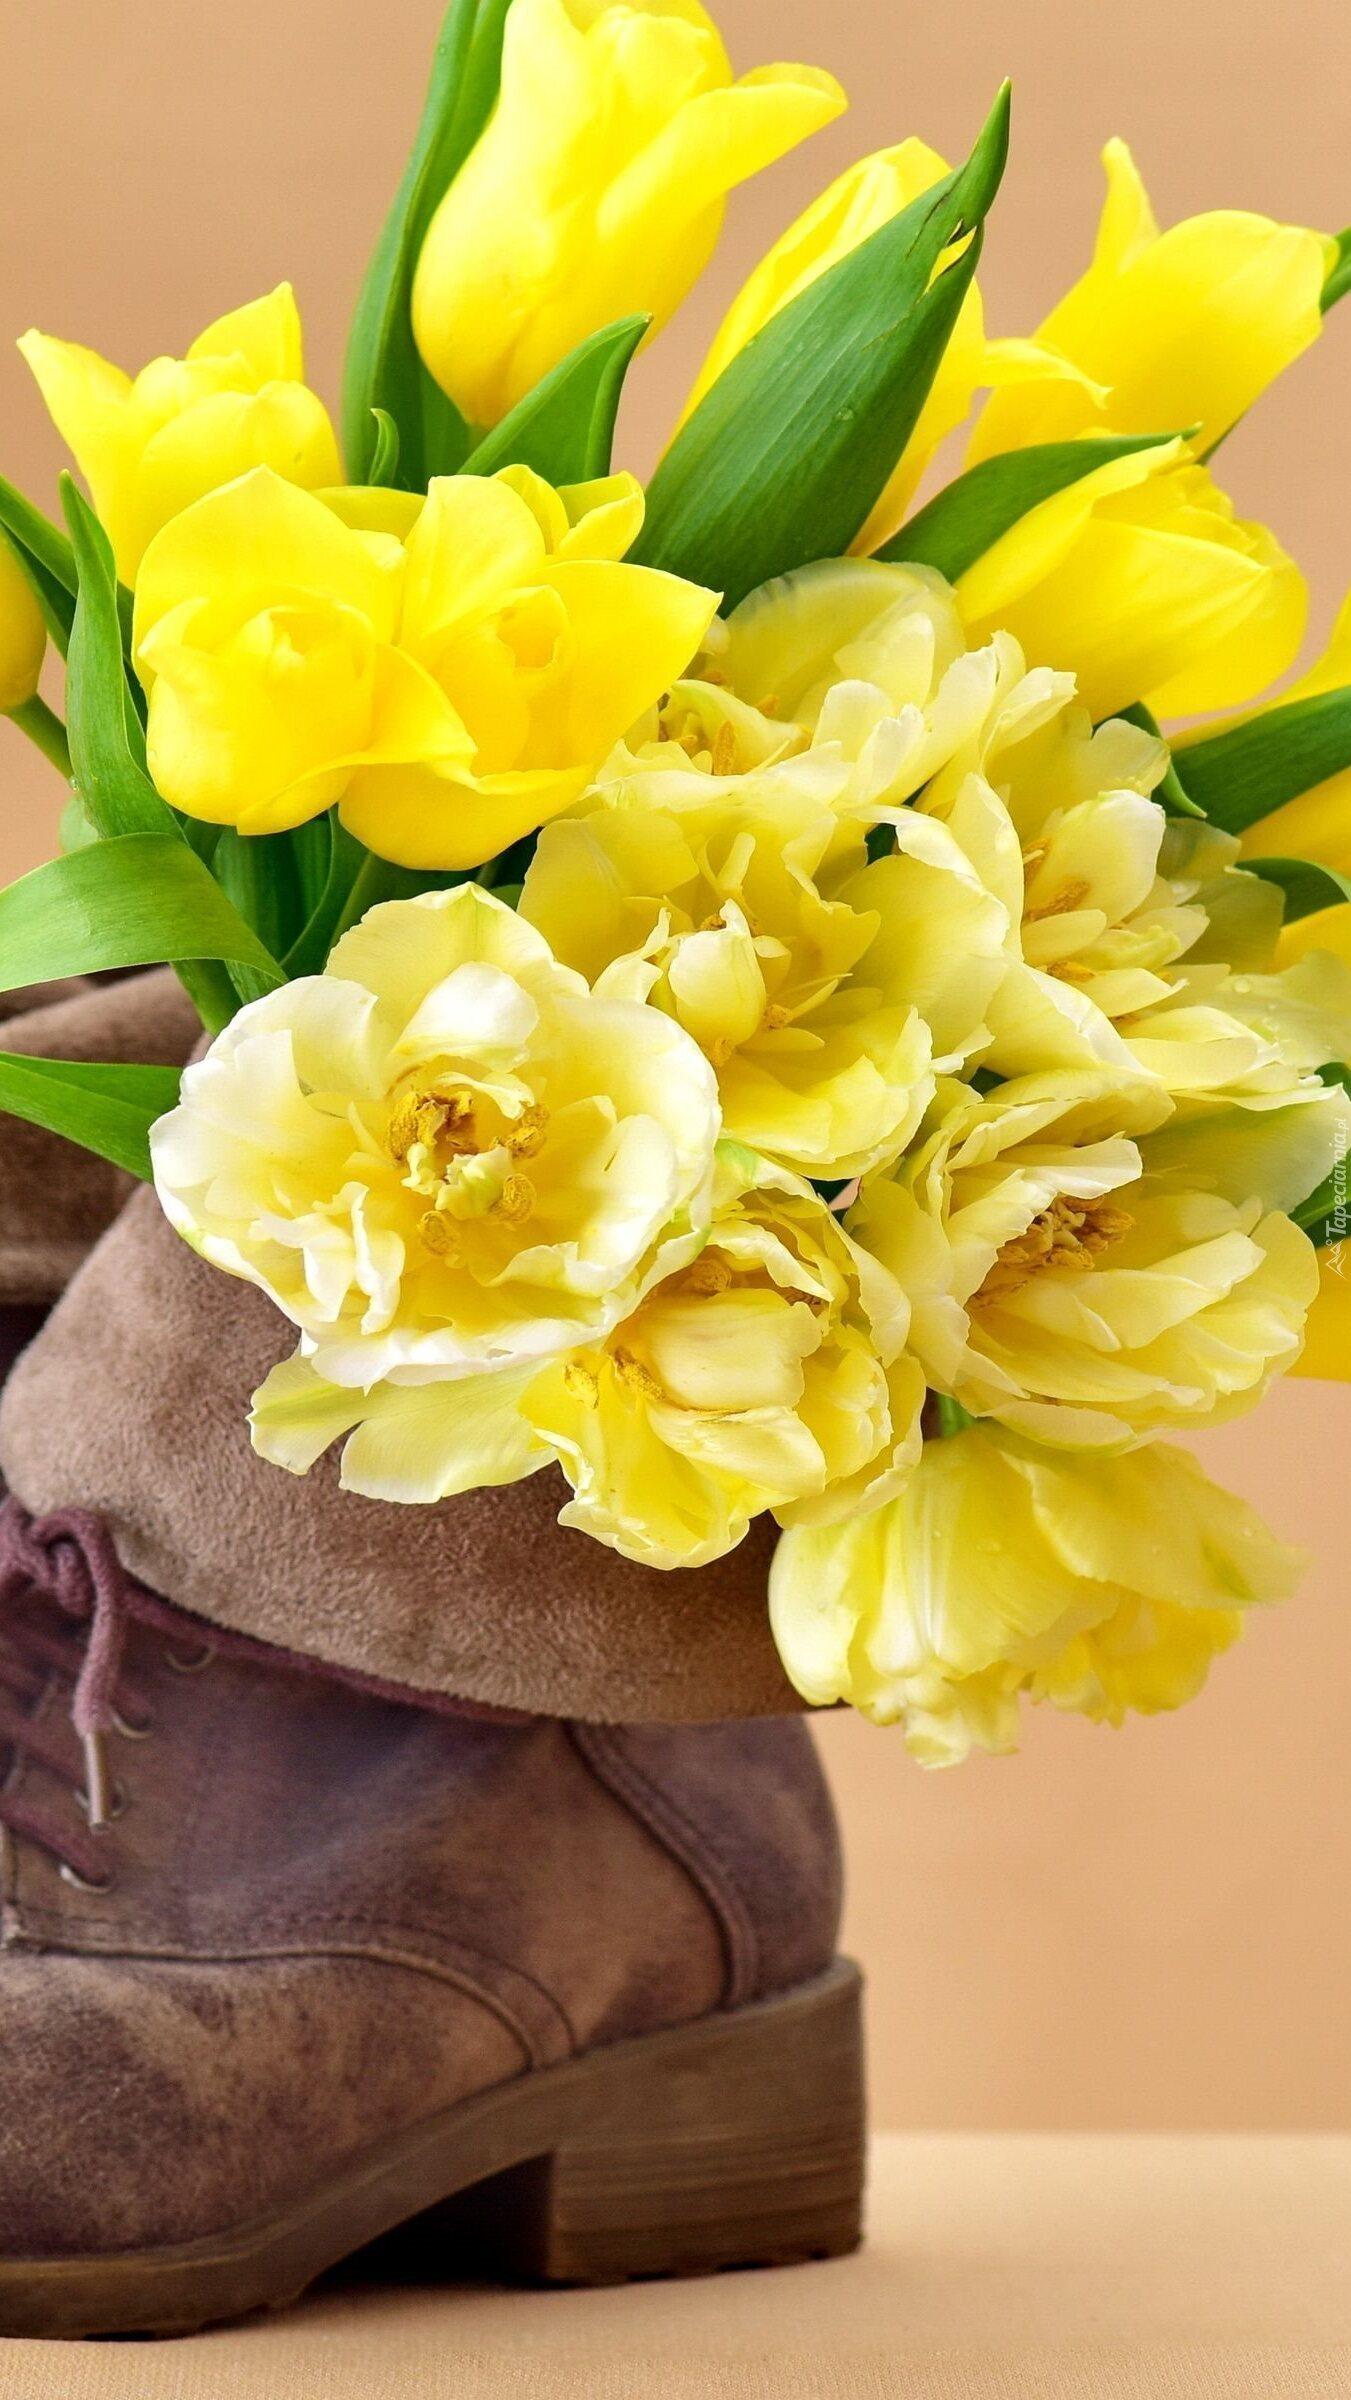 Żółte tulipany w bucie